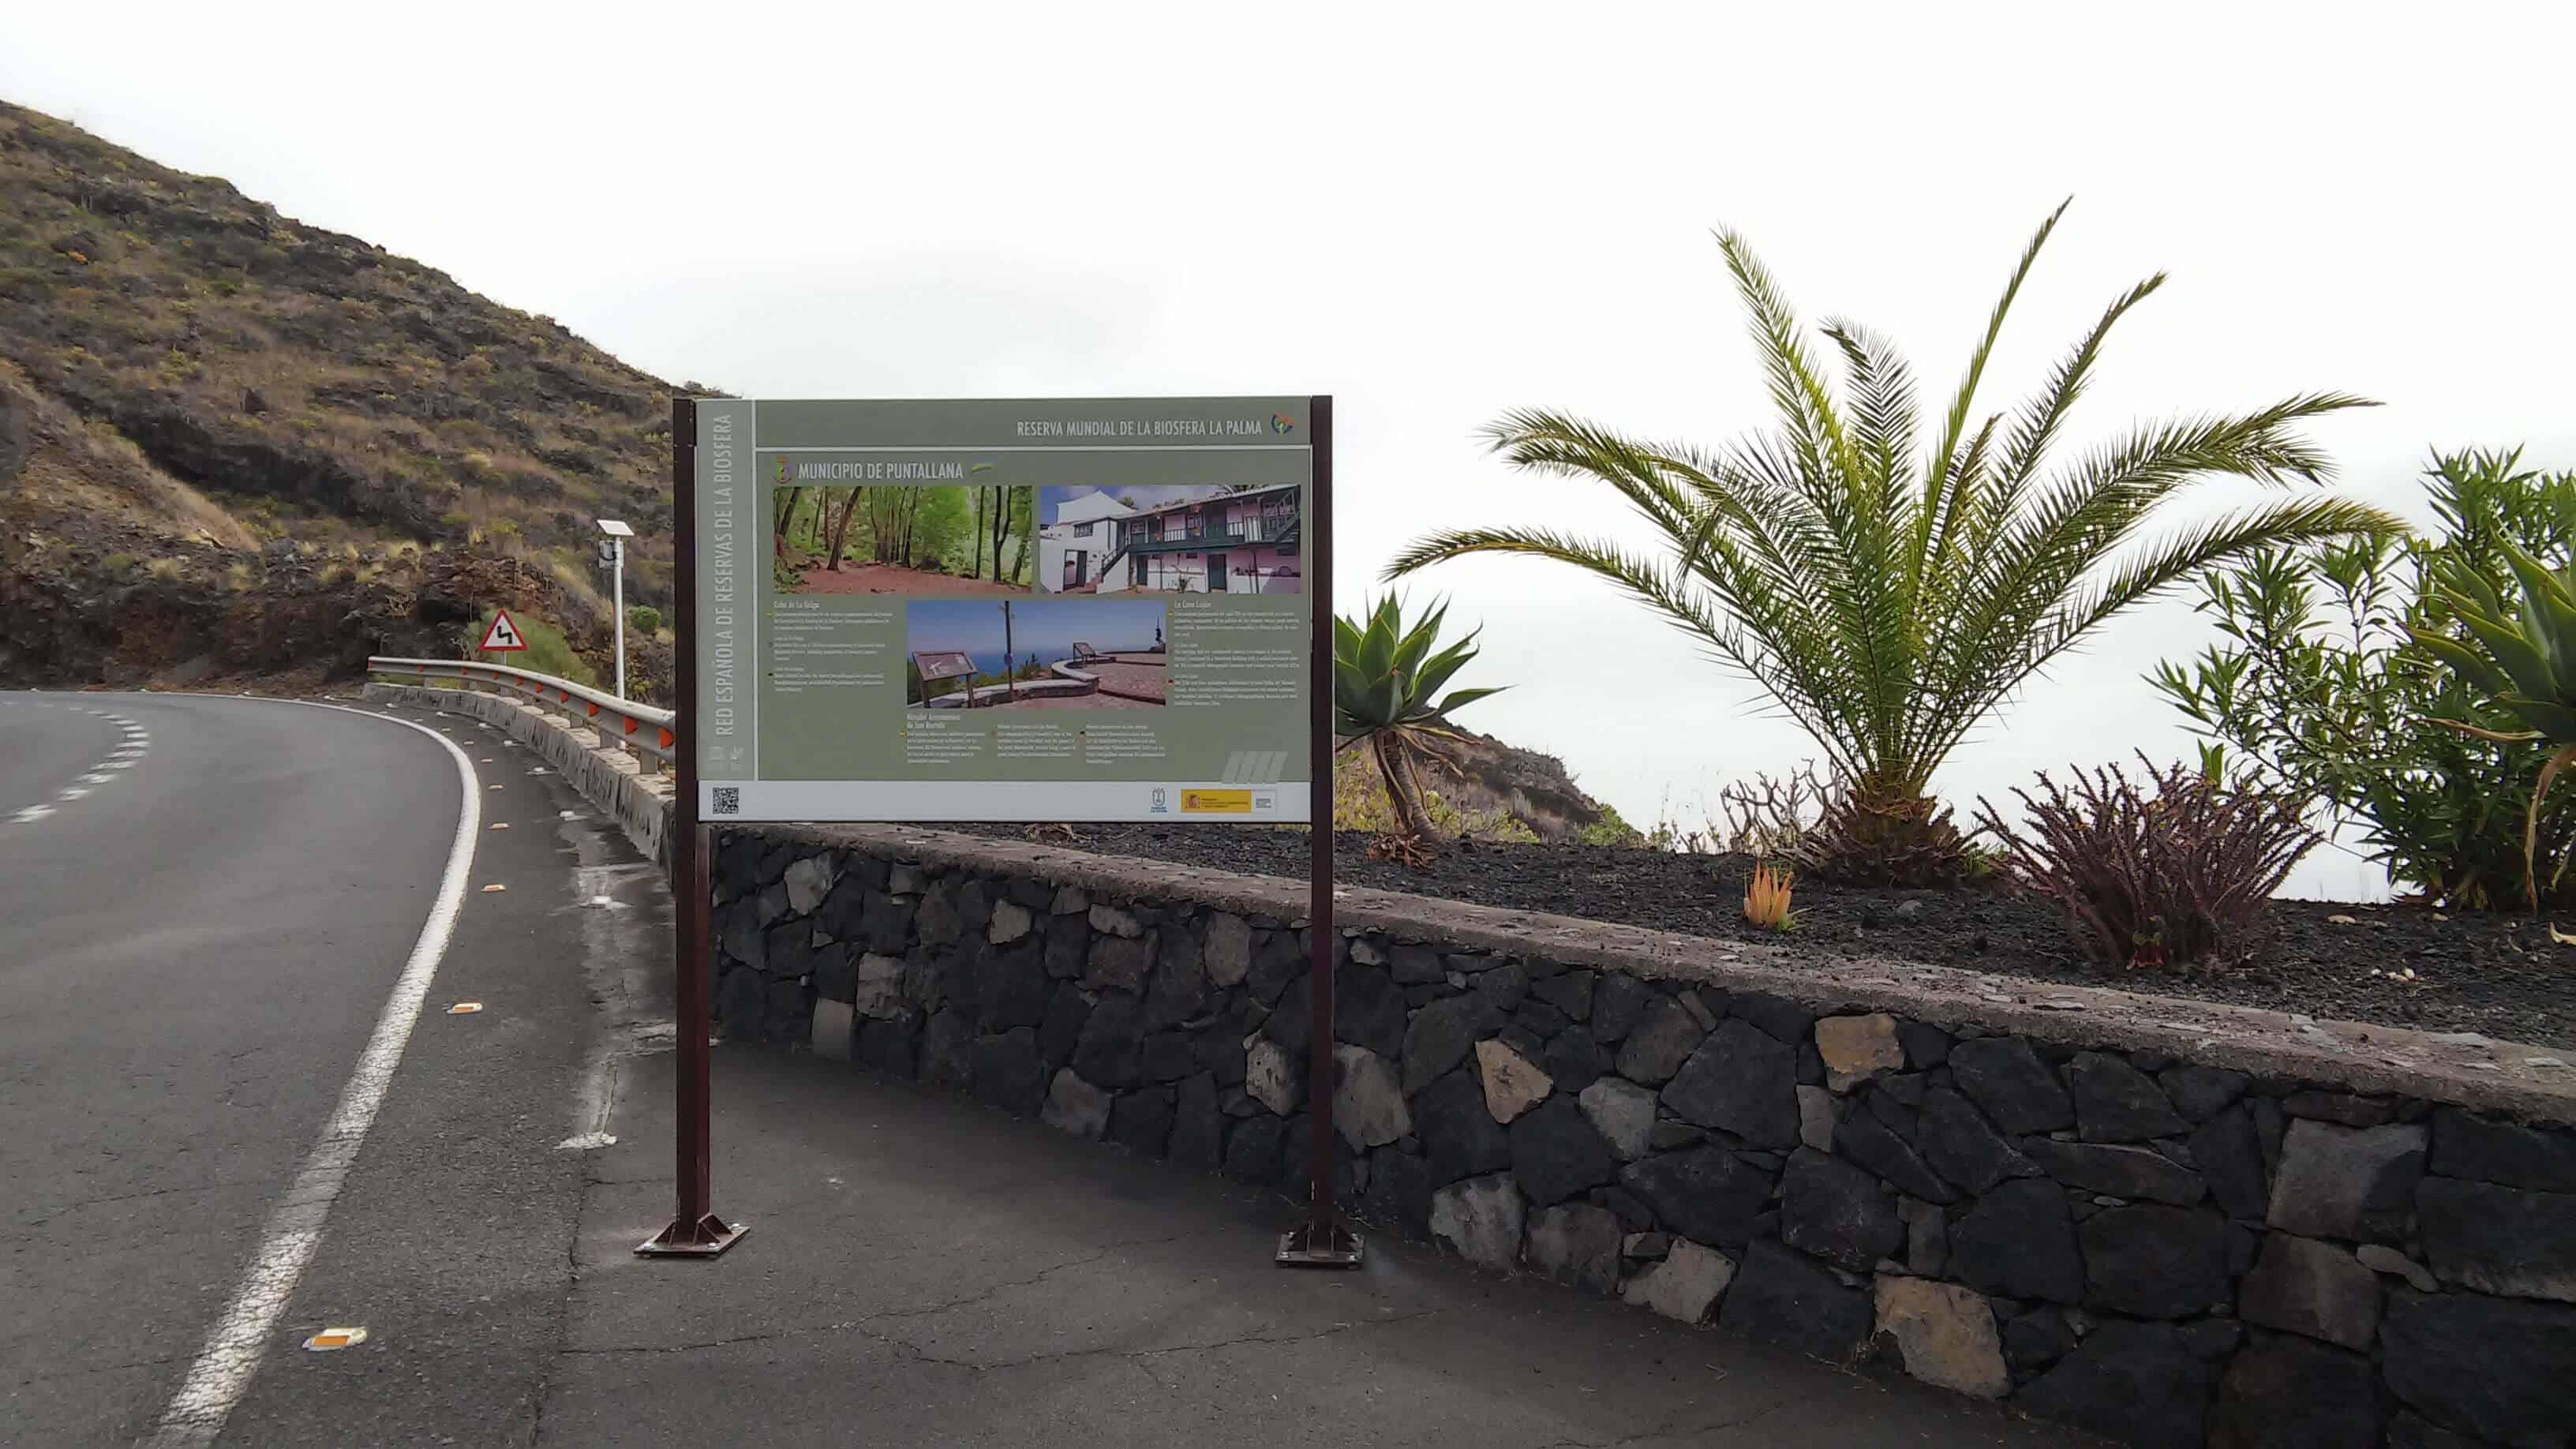 La Reserva de la Biosfera finaliza un proyecto de señalización en los municipios de la Isla